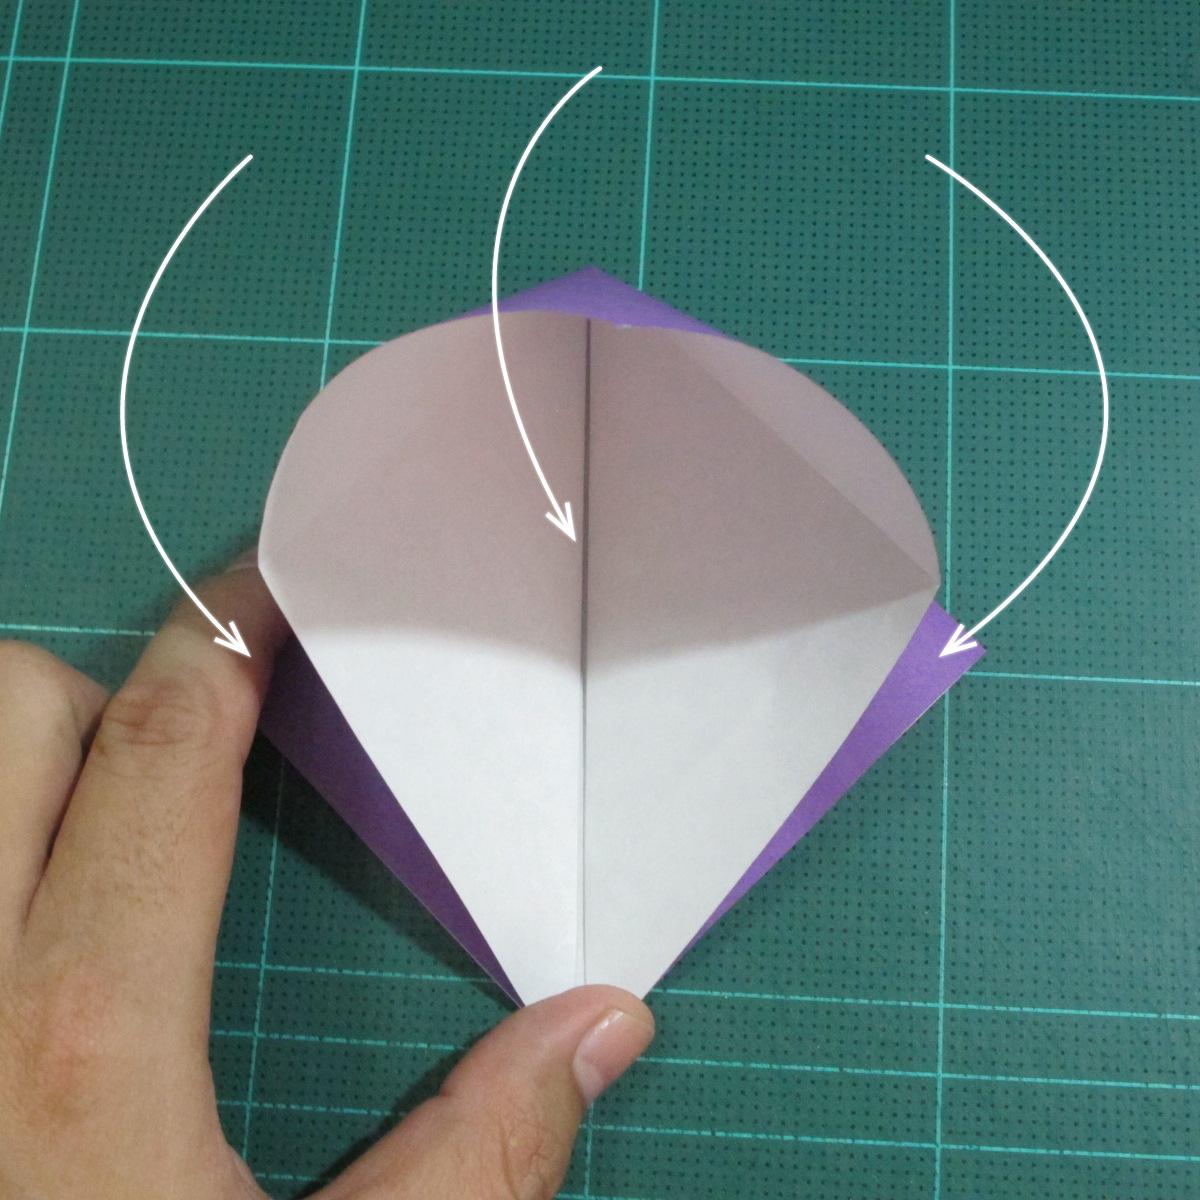 วิธีพับกระดาษเป็นรูปเต่าแบบง่าย (Easy Origami Turtle) 002